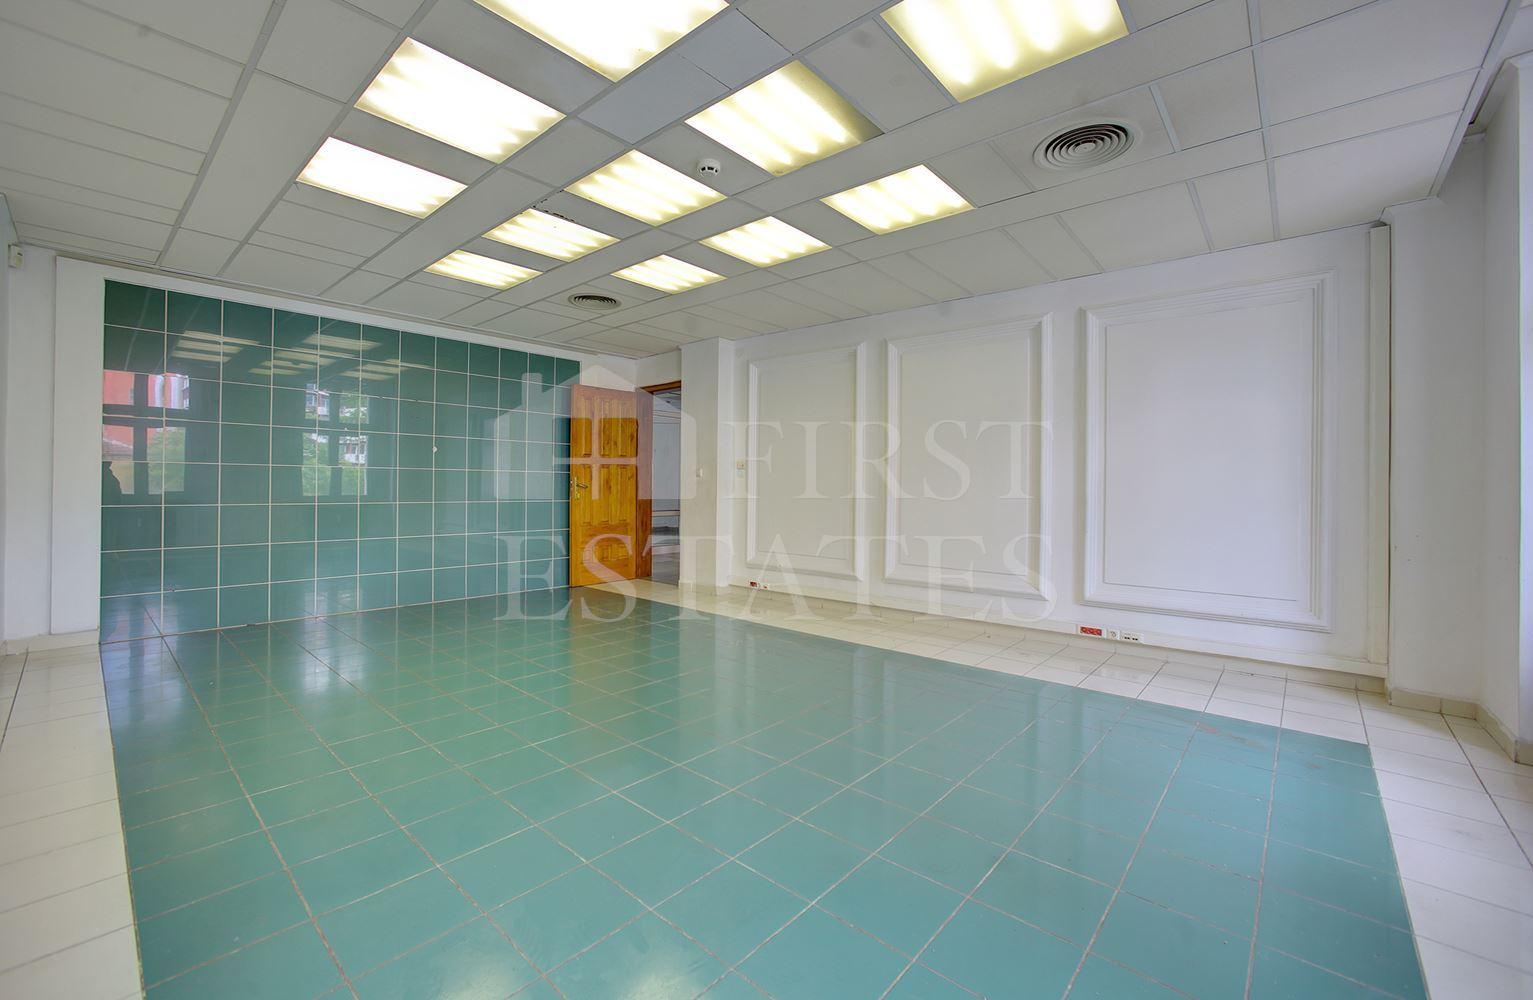 285 m² офис под наем